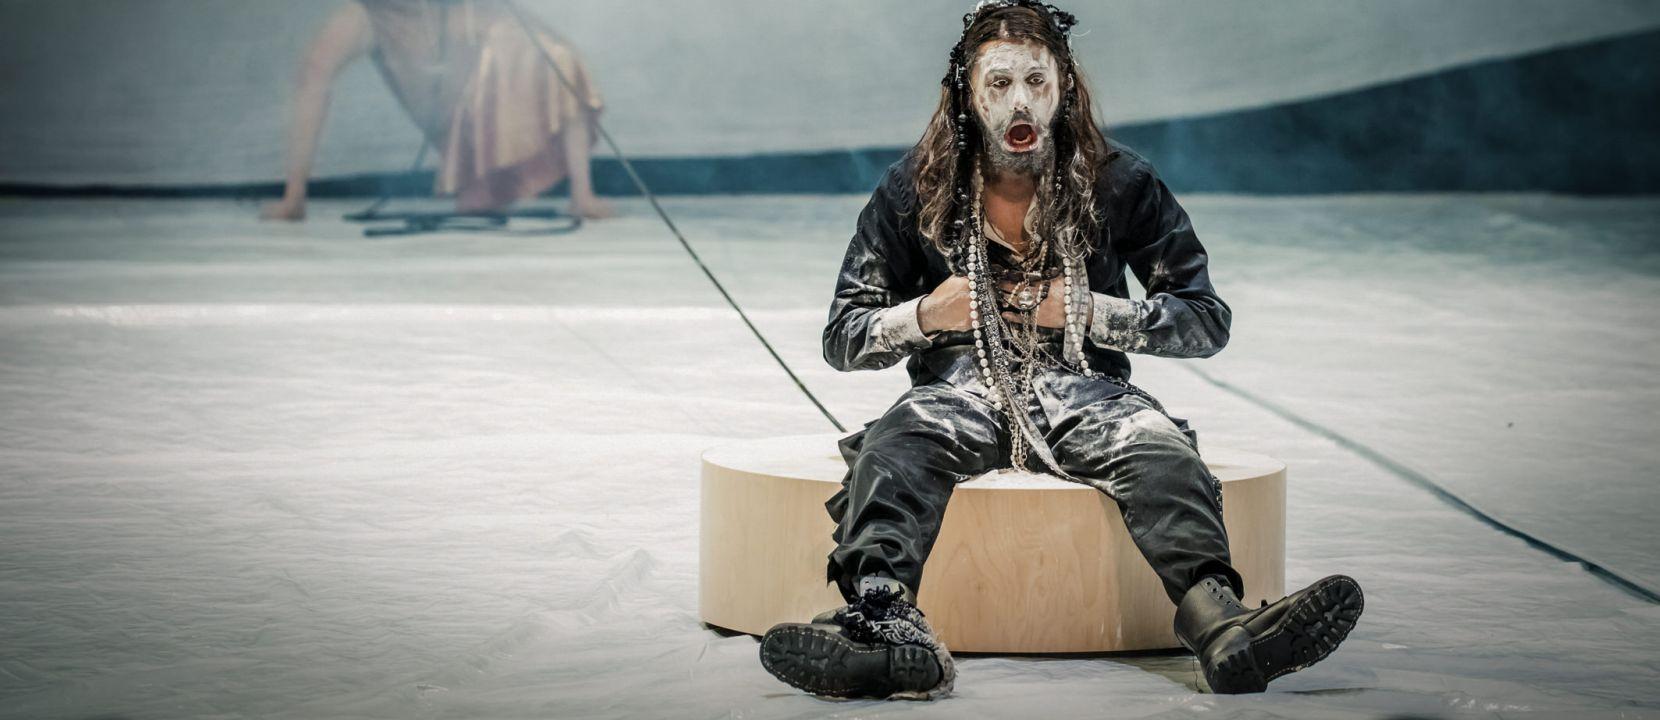 Citaten Kunst Zombie : Hamlet toneelhuis